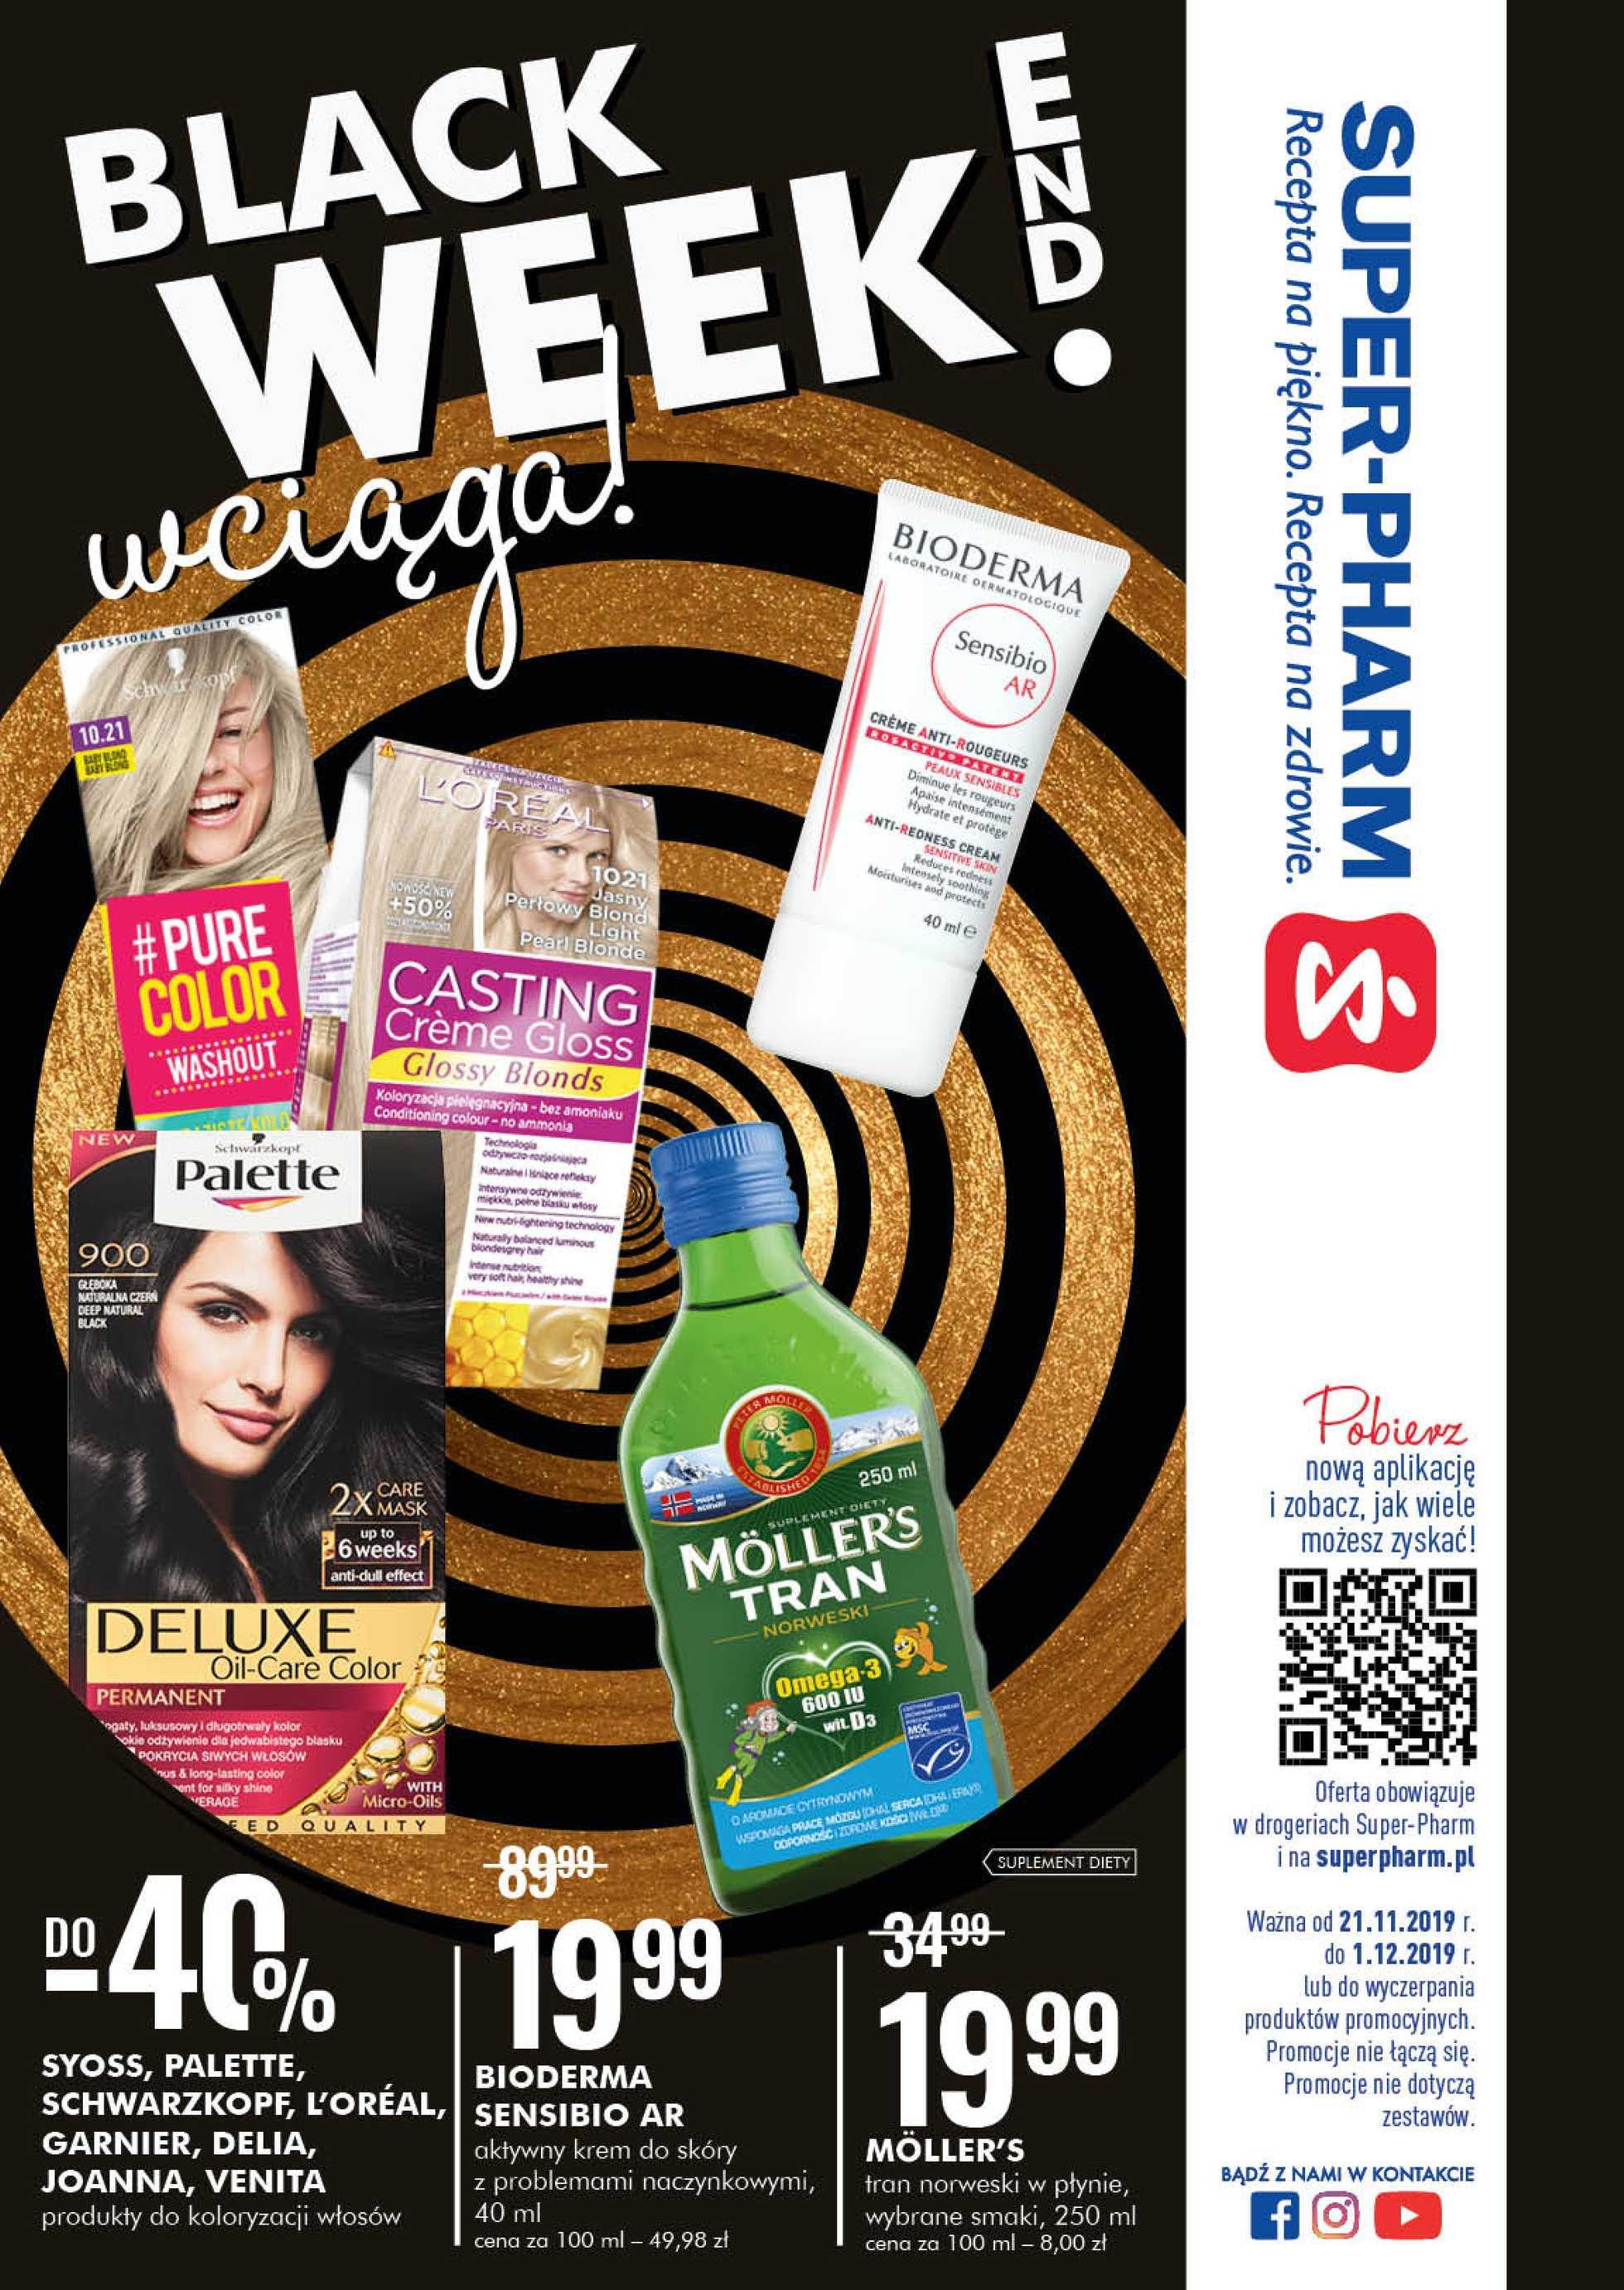 Super-Pharm - gazetka promocyjna ważna od 21.11.2019 do 01.12.2019 - strona 1.